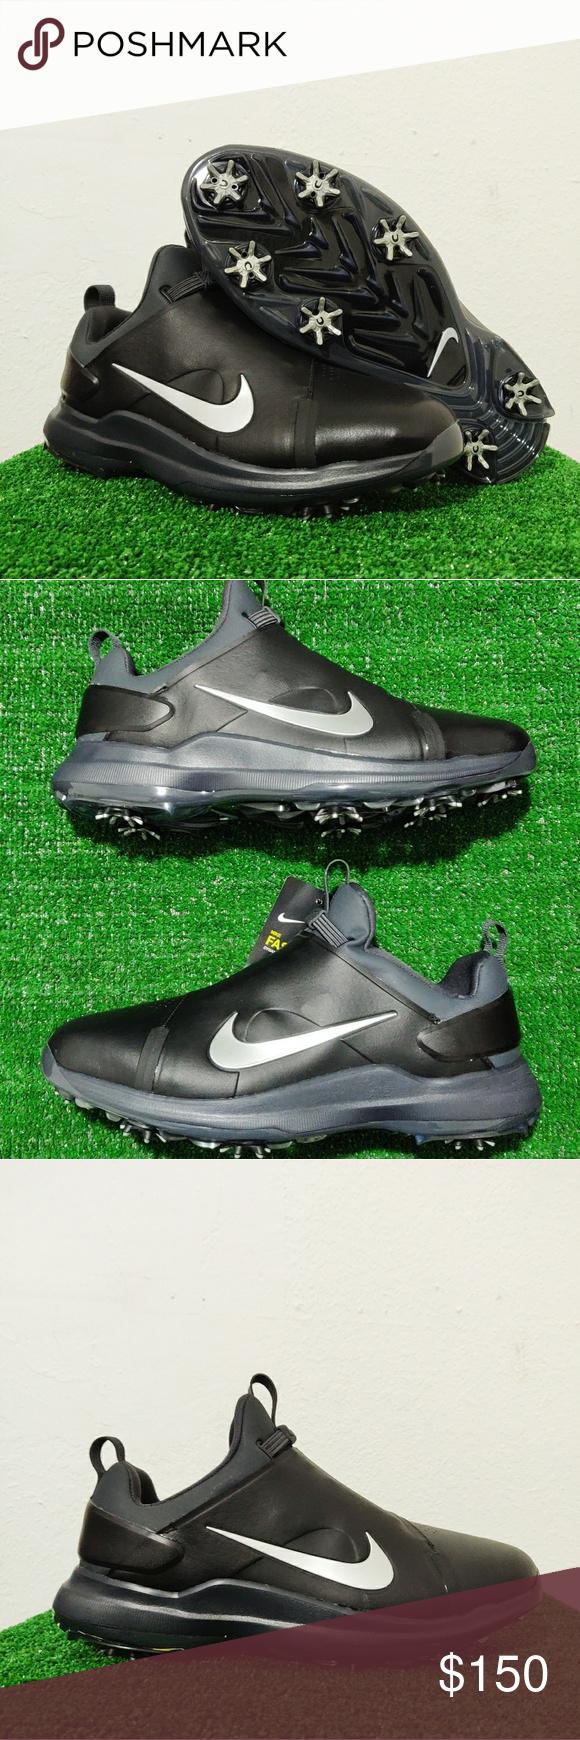 43++ Nike tour premiere golf shoes ideas ideas